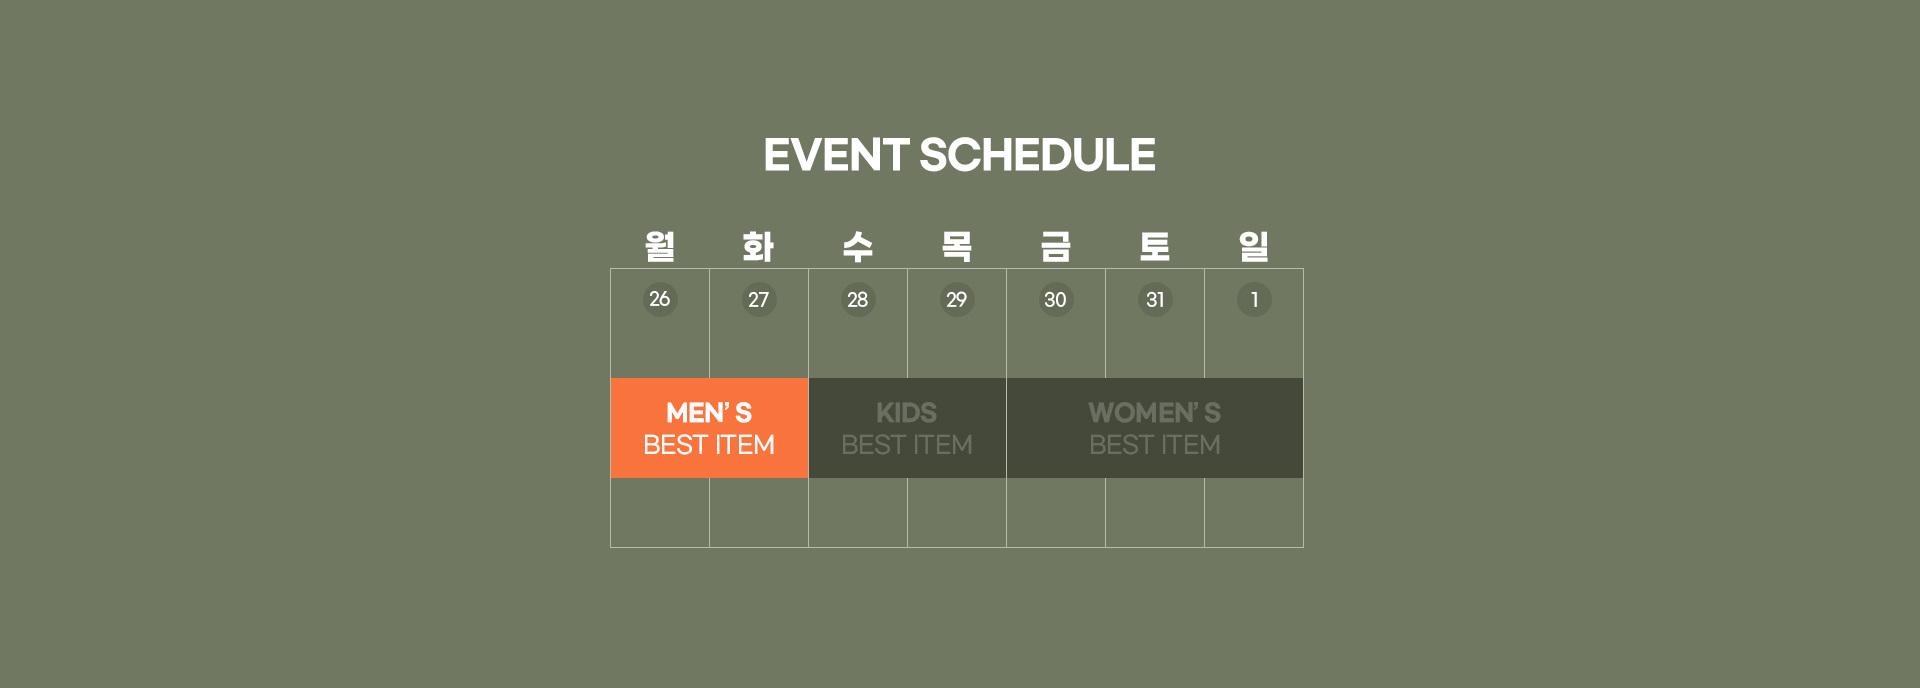 이벤트 스케줄표